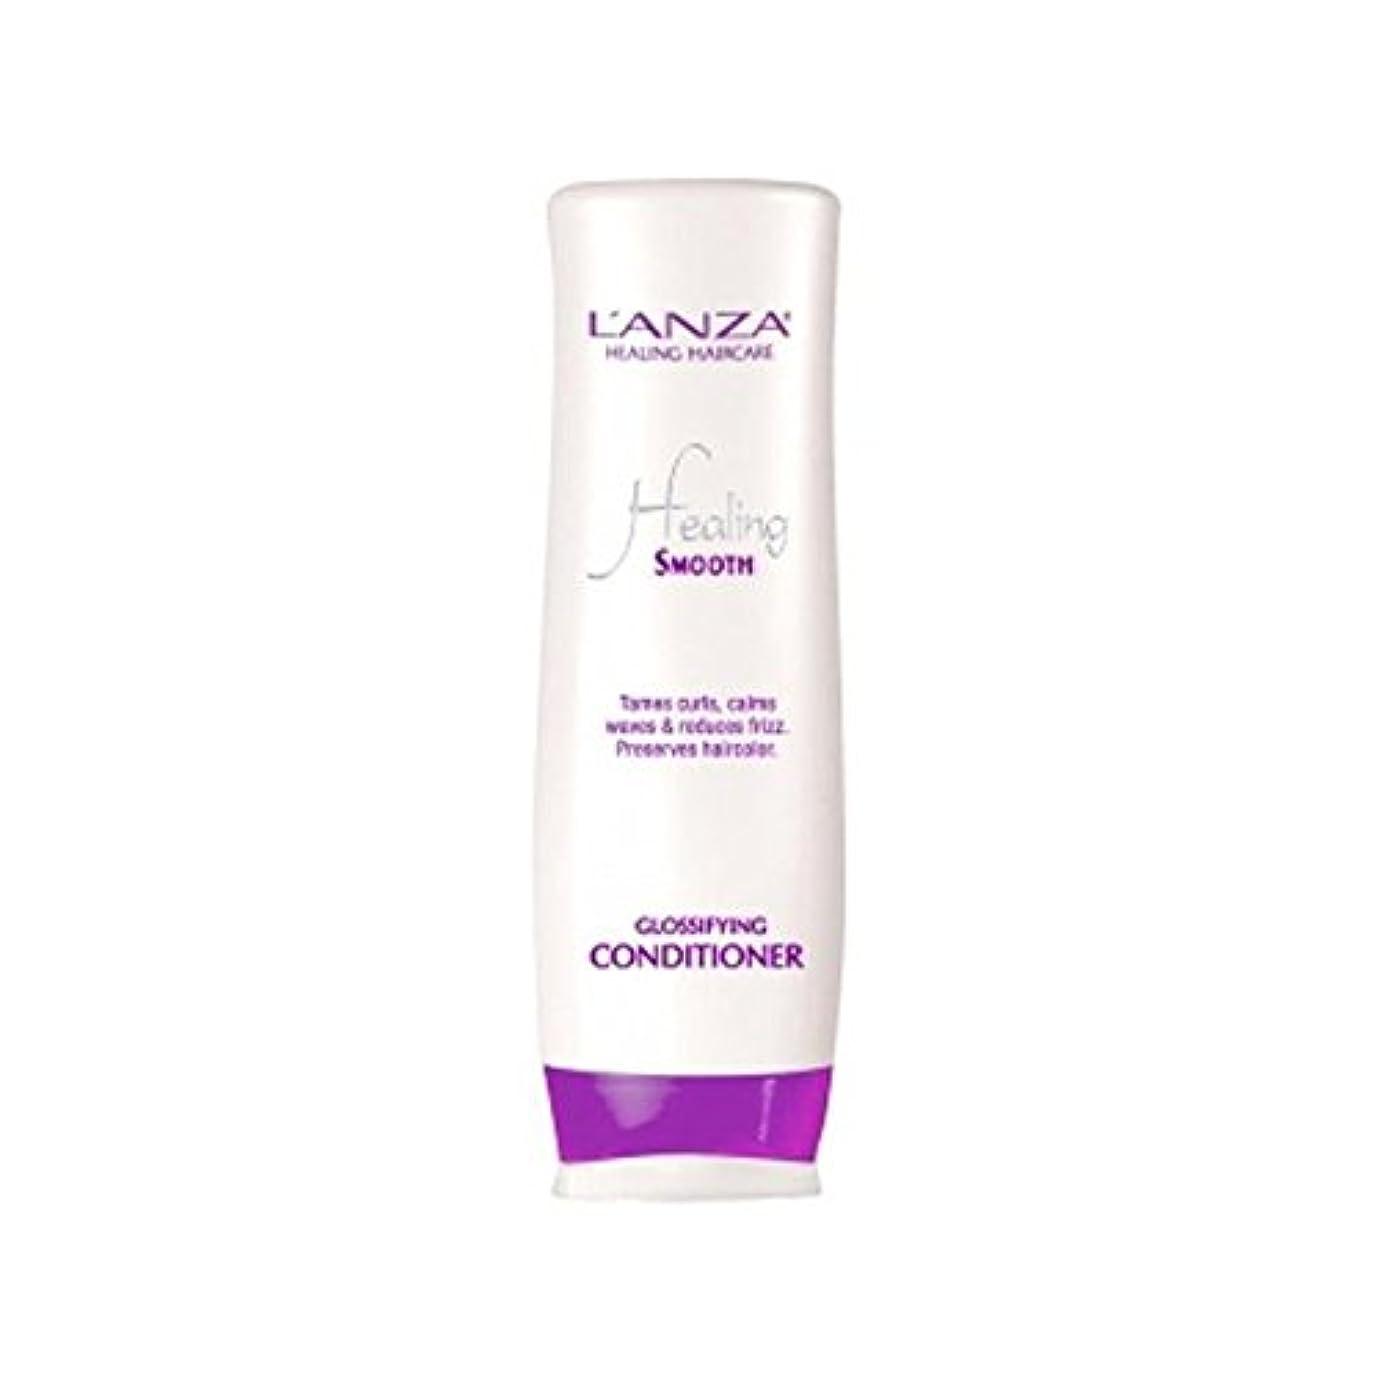 キャンパス民間人コンサルタントスムーズなコンディショナーを癒し'アンザ(250ミリリットル) x4 - L'Anza Healing Smooth Glossifying Conditioner (250ml) (Pack of 4) [並行輸入品]